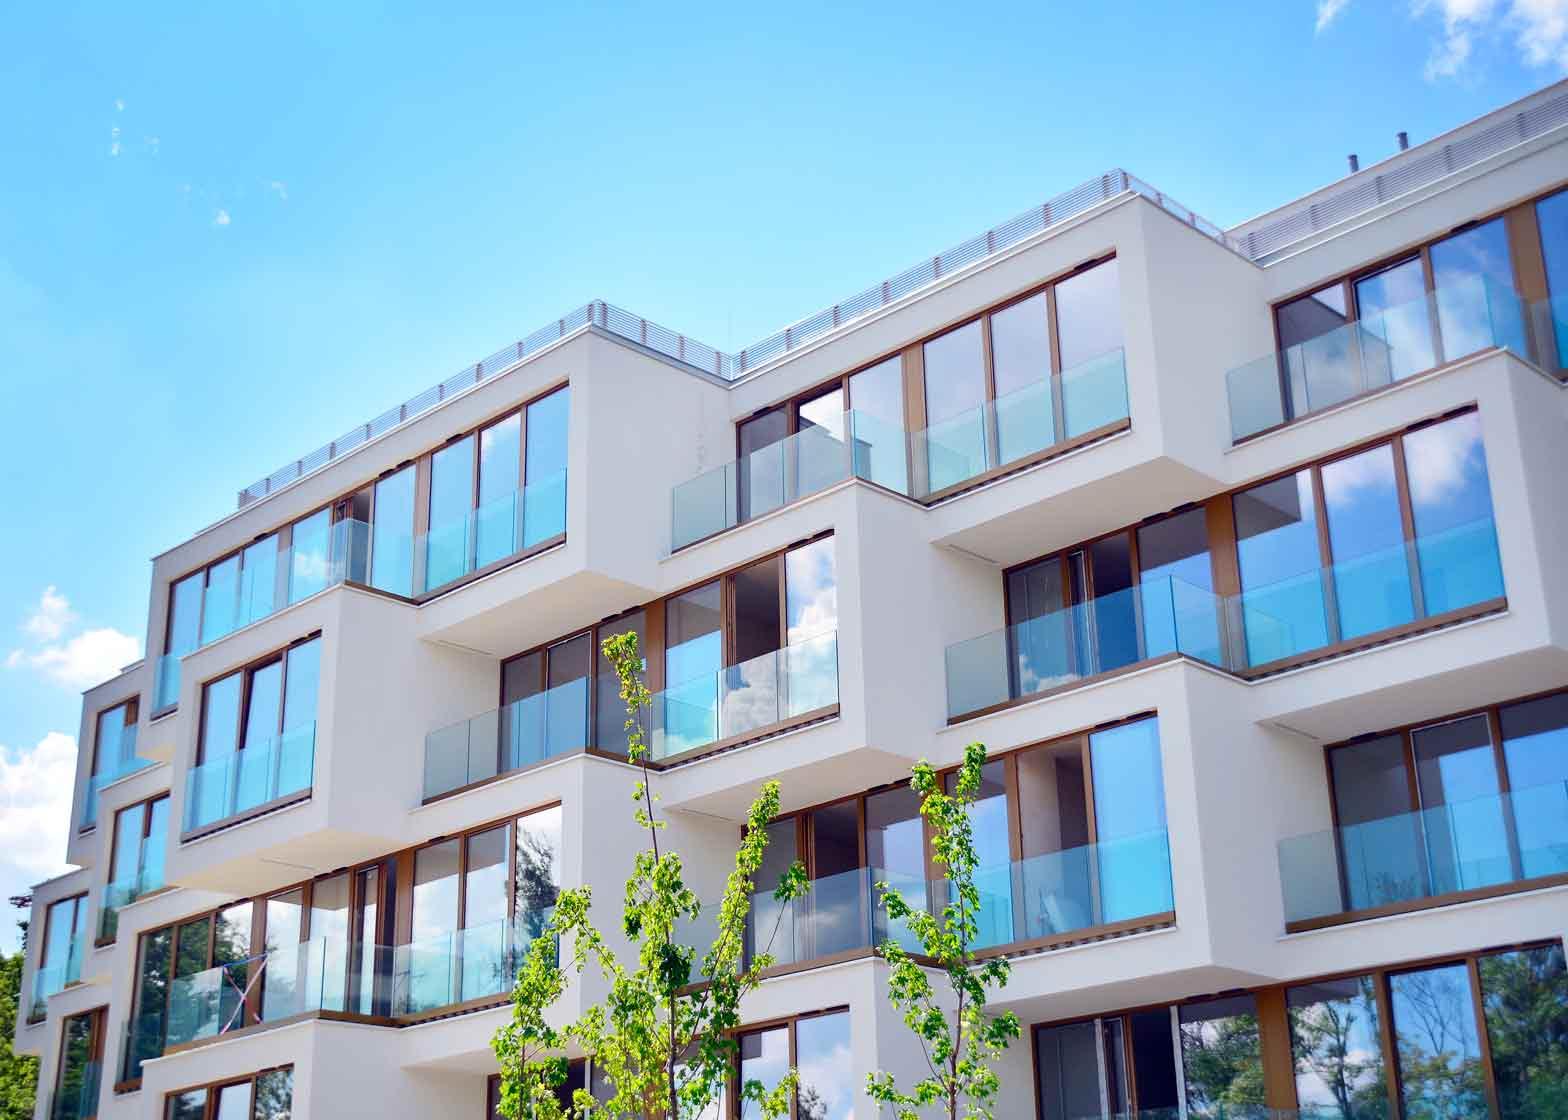 Handelsmissie Warschau: focus op vastgoed